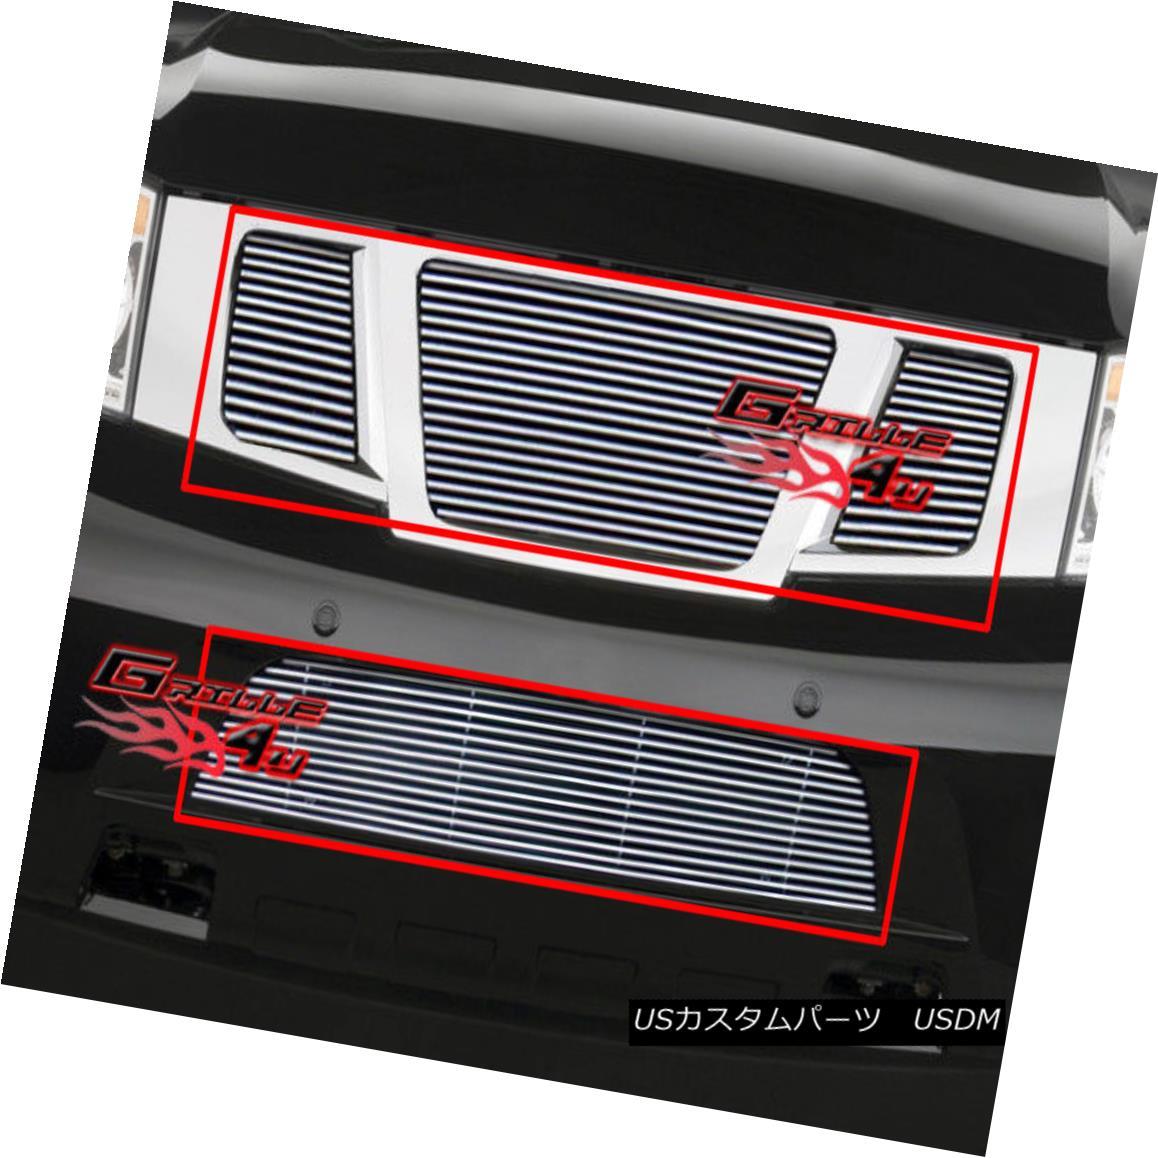 グリル Fits 2008-2013 Nissan Armada Billet Grille Grill Insert Combo フィット2008-2013日産アルマダビレットグリルグリルインサートコンボ